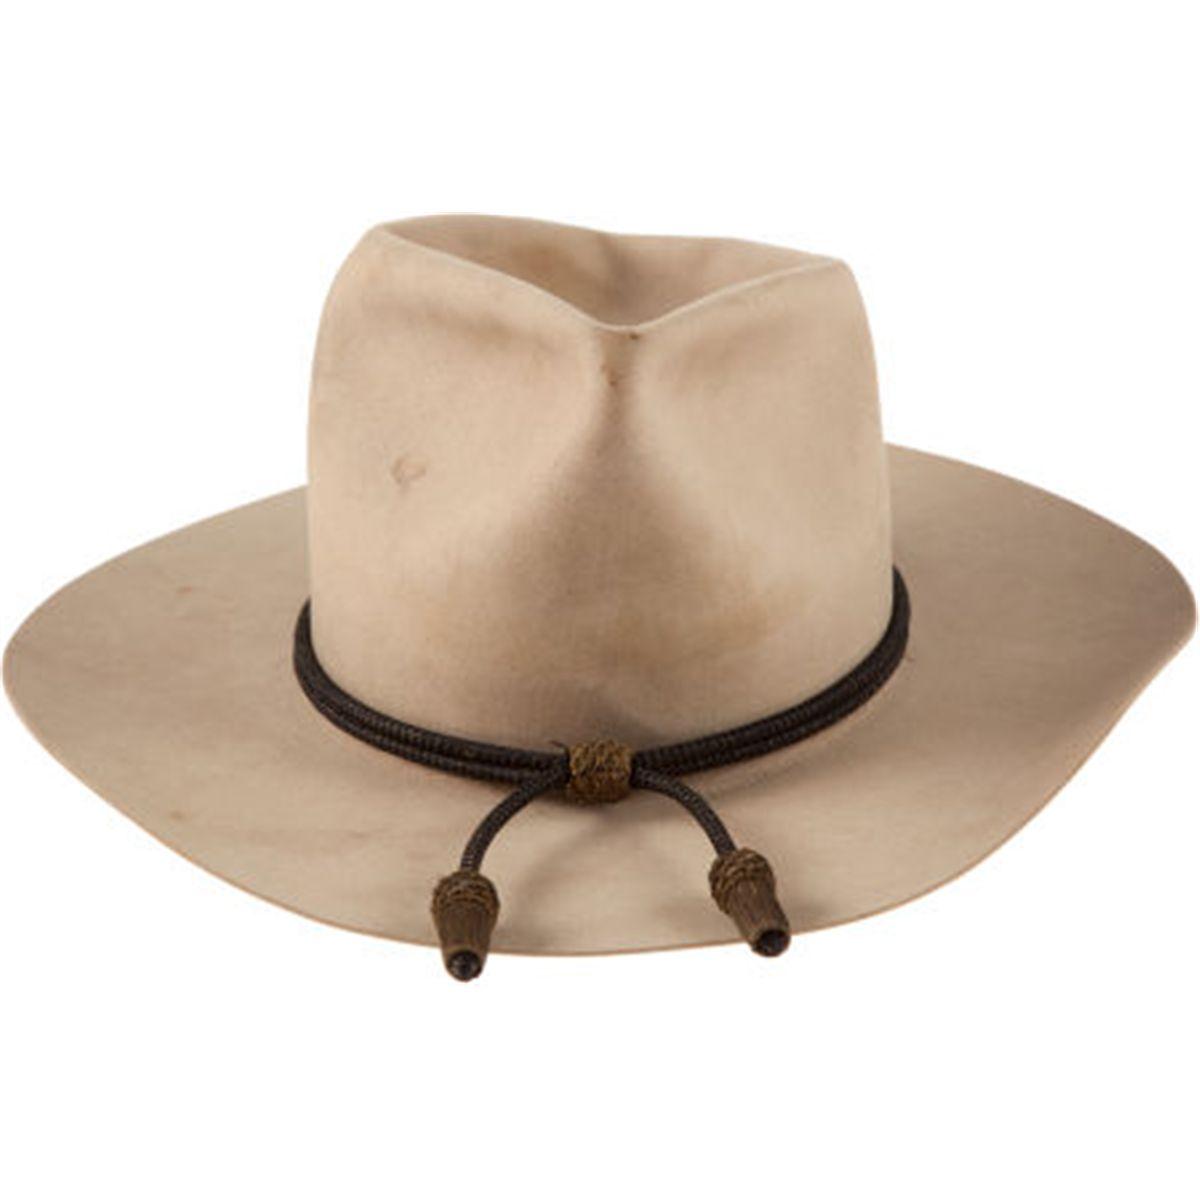 1200x1200 Cowboy Hat Png Transparent Cowboy Hat.png Images. Pluspng